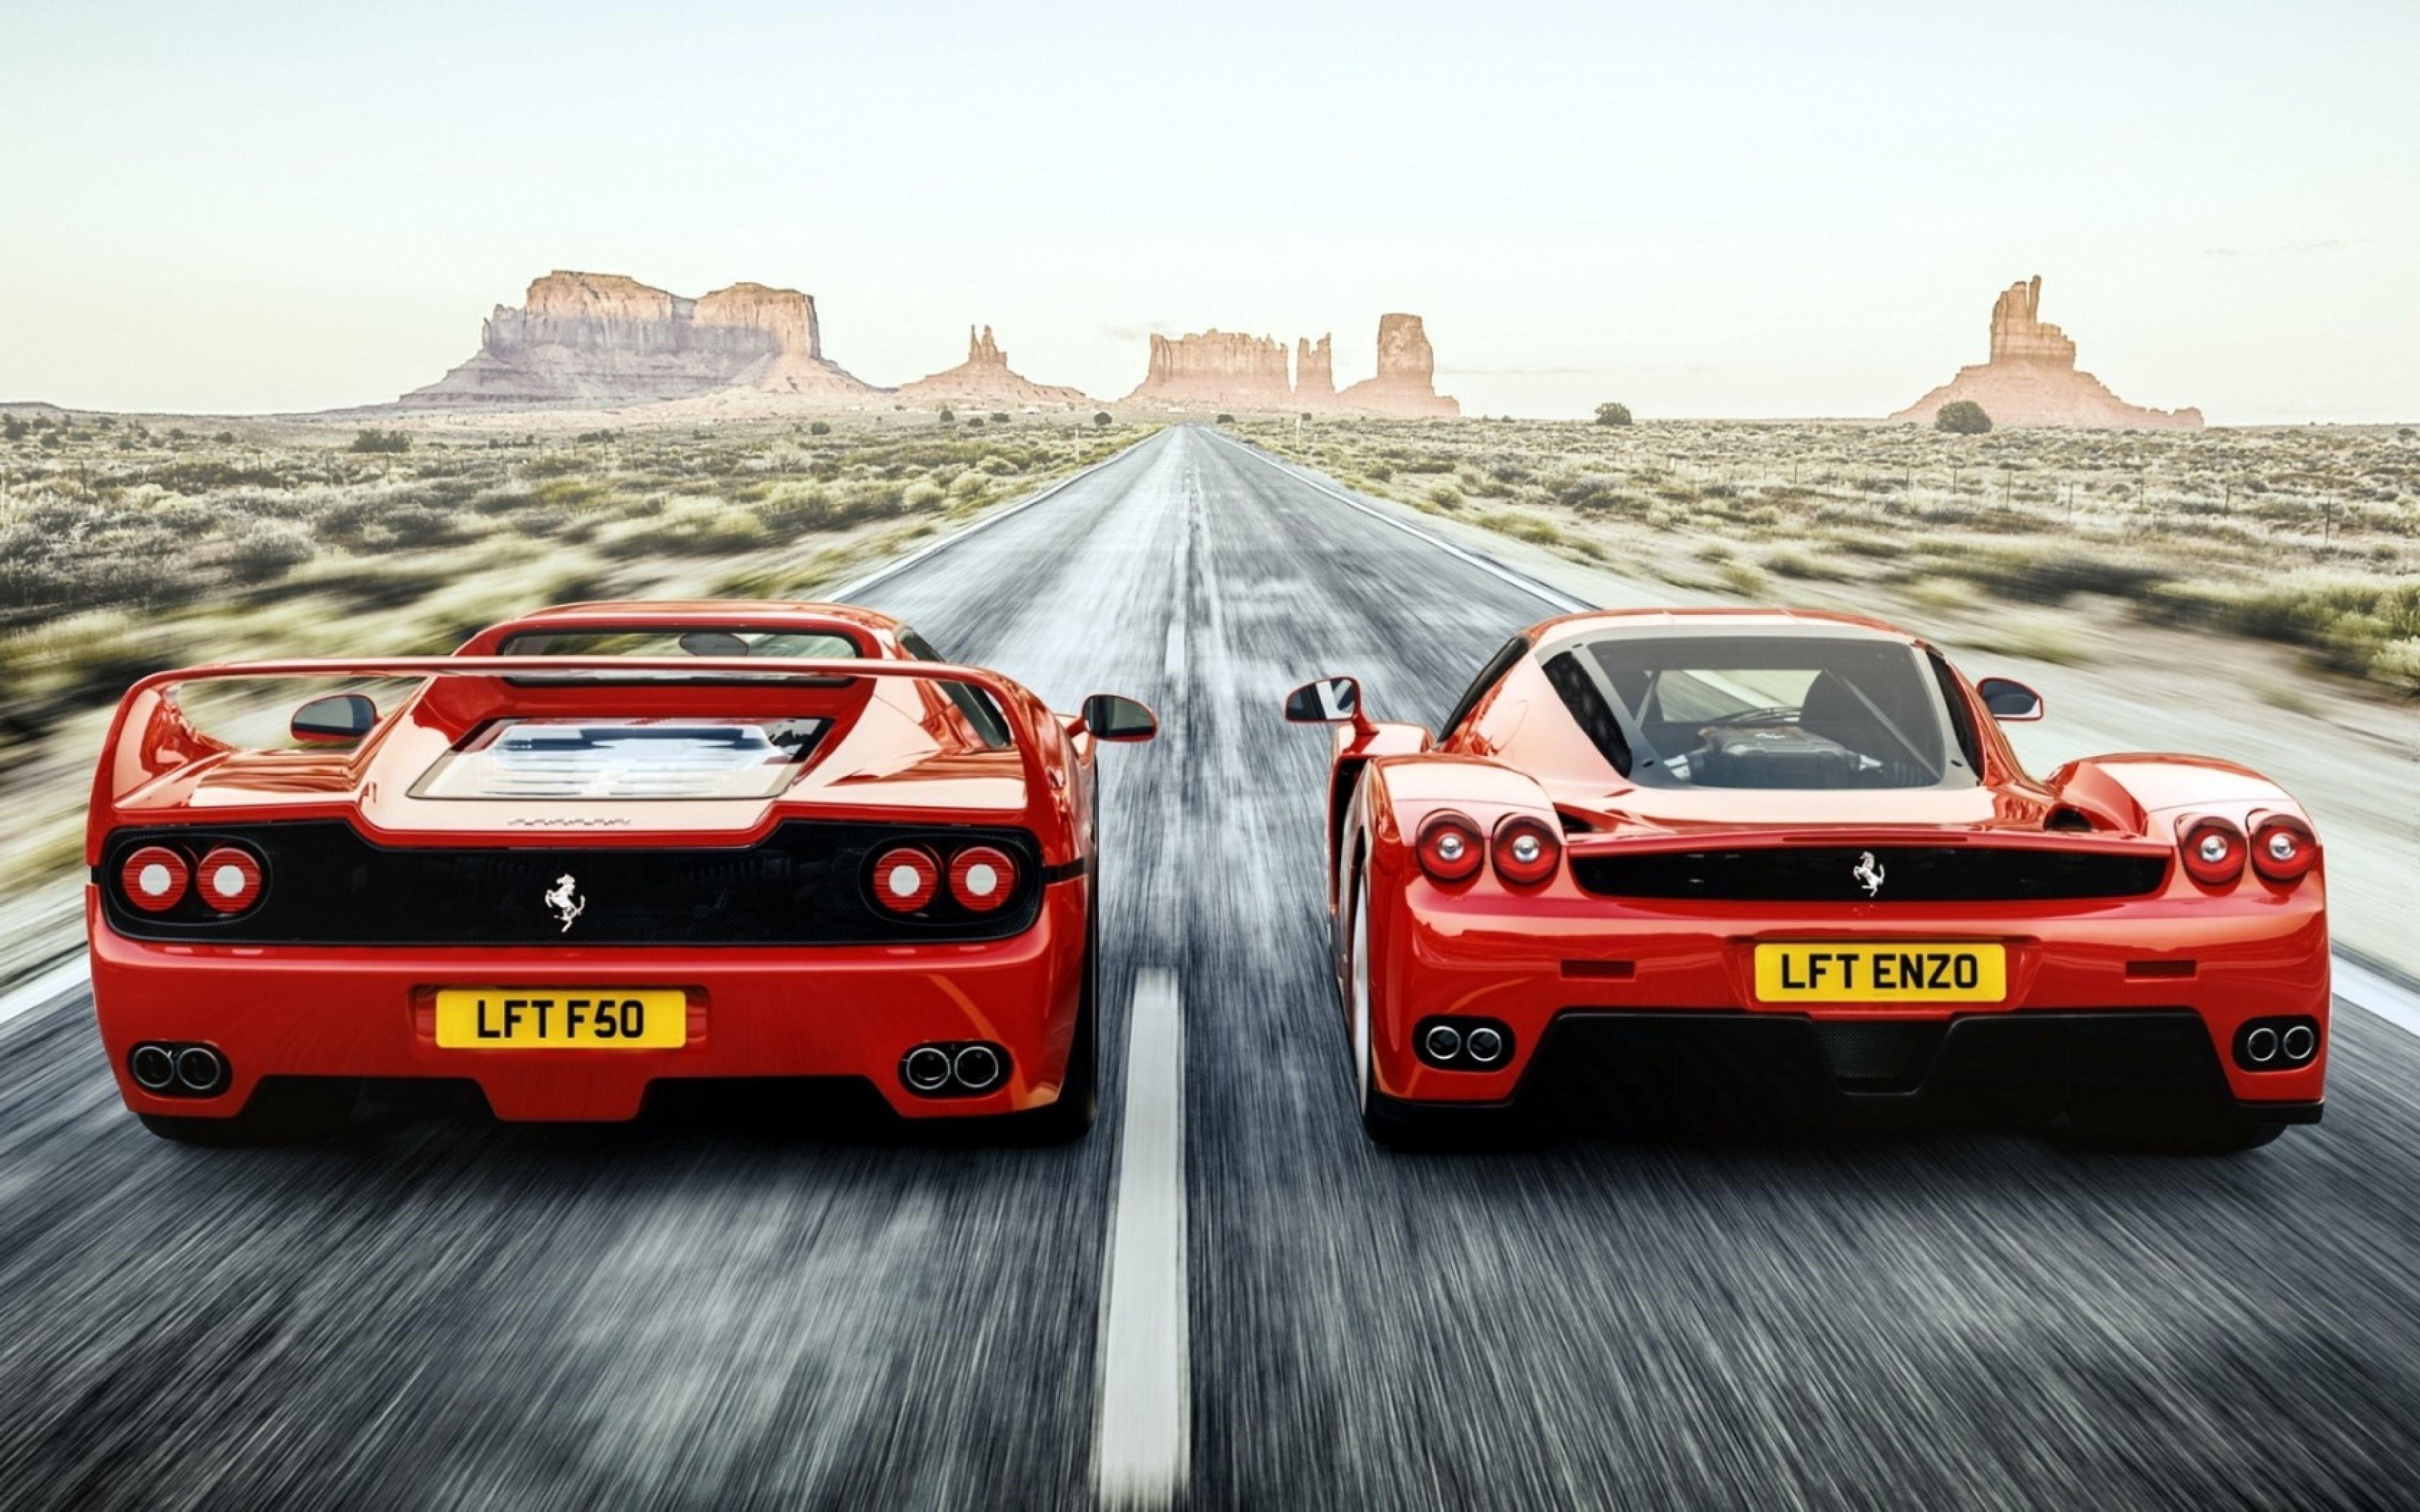 Ferrari Pics